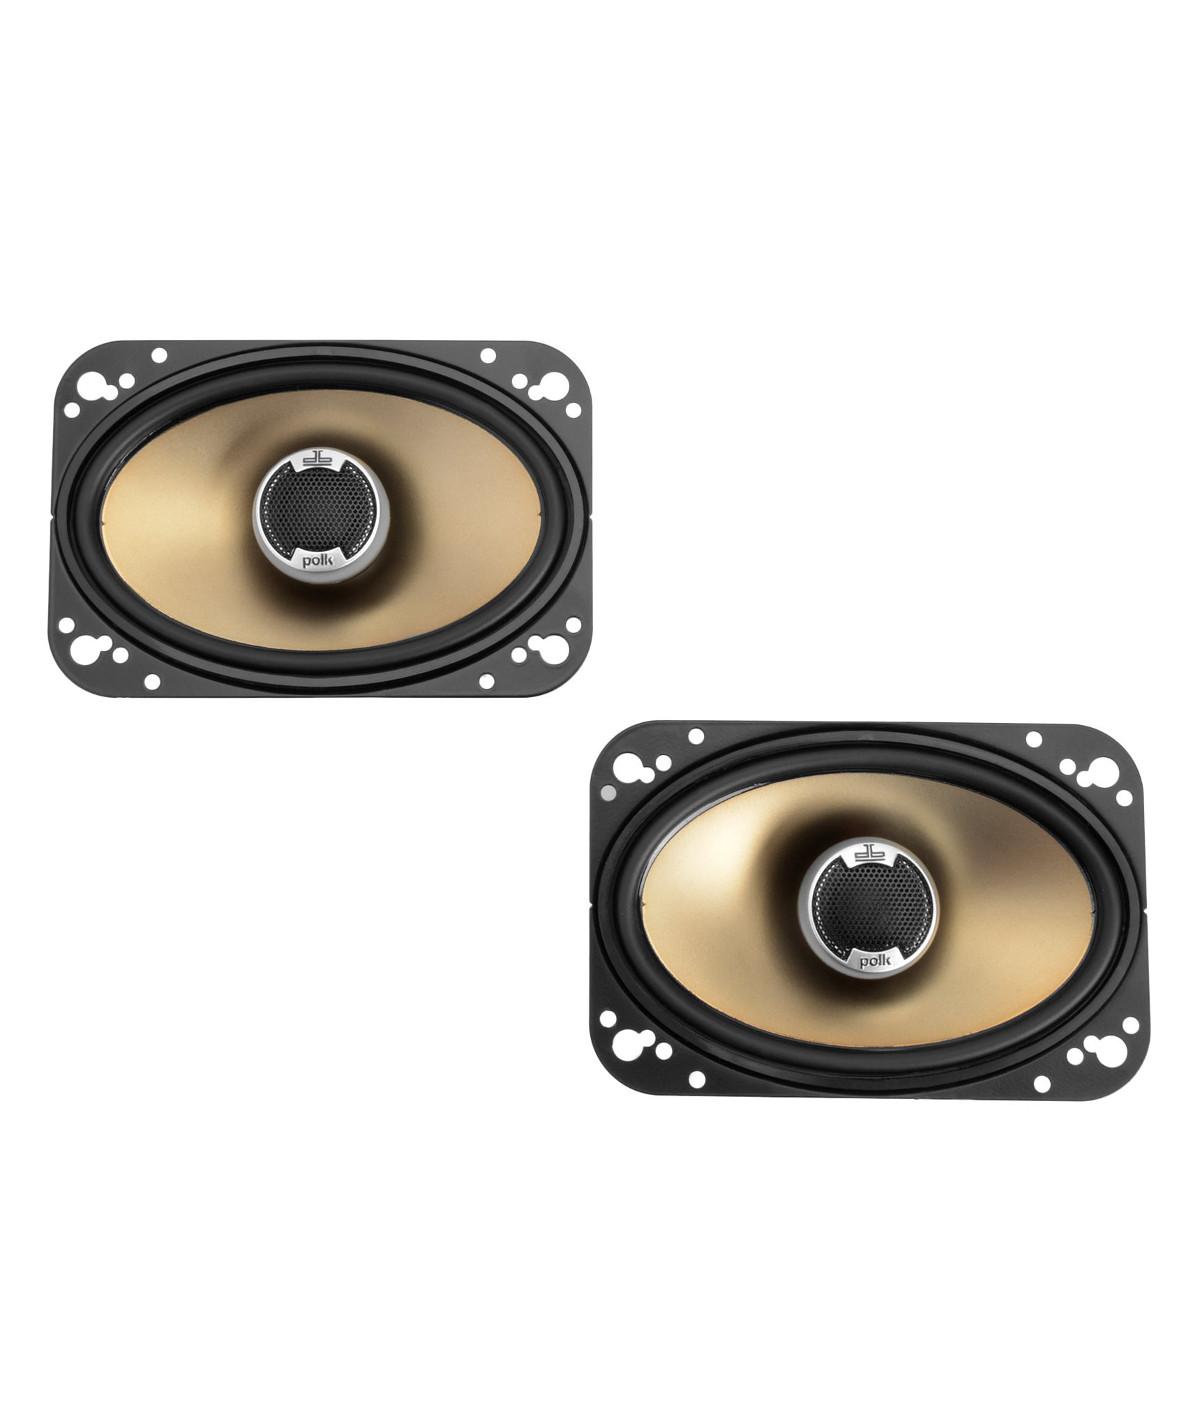 Polk Audio db461 (db 461) Dwudrożne głośniki do łodzi / samochodu 4 x 6 cala - 2szt. Polska Gwarancja